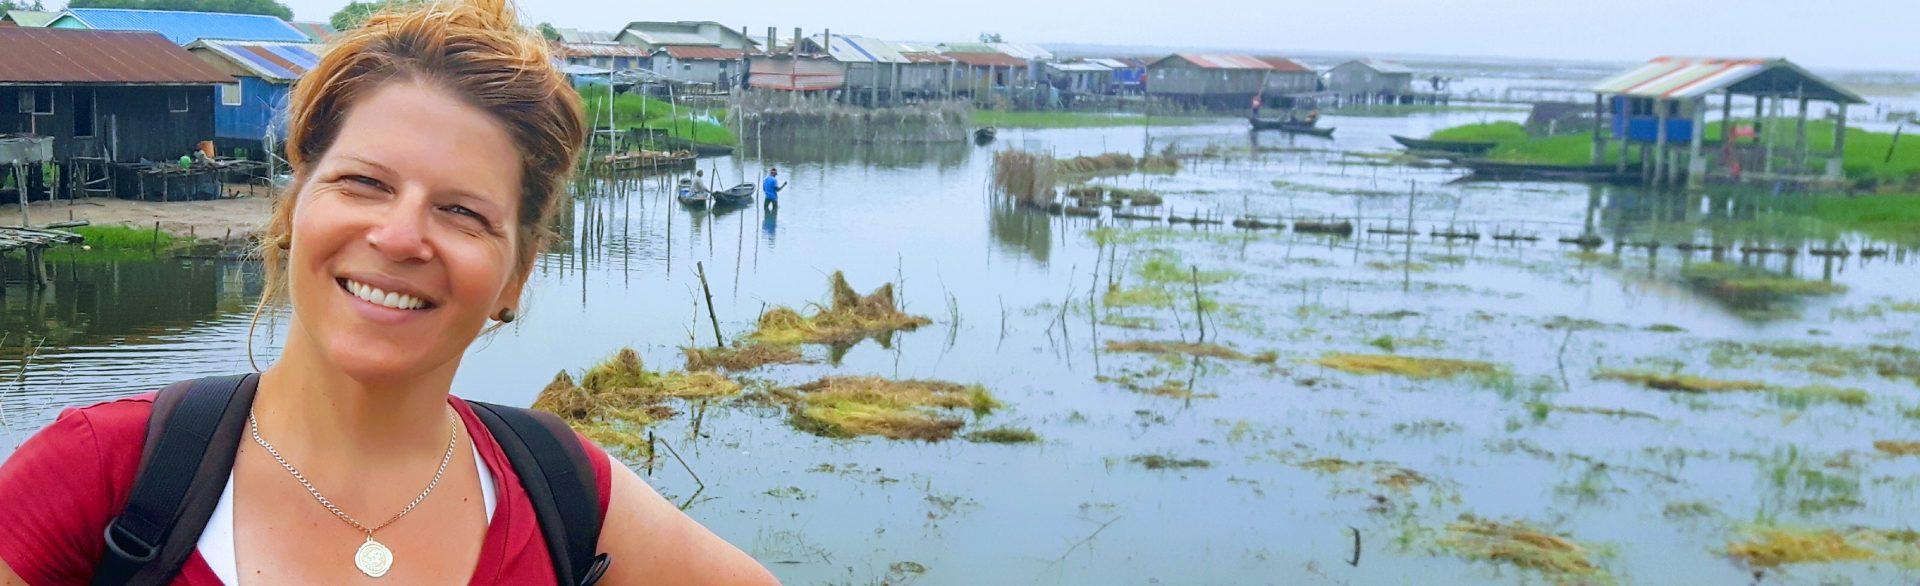 Offre de stage rémunéré – Agent de liaison et soutien logistique pour une ONG au Bénin